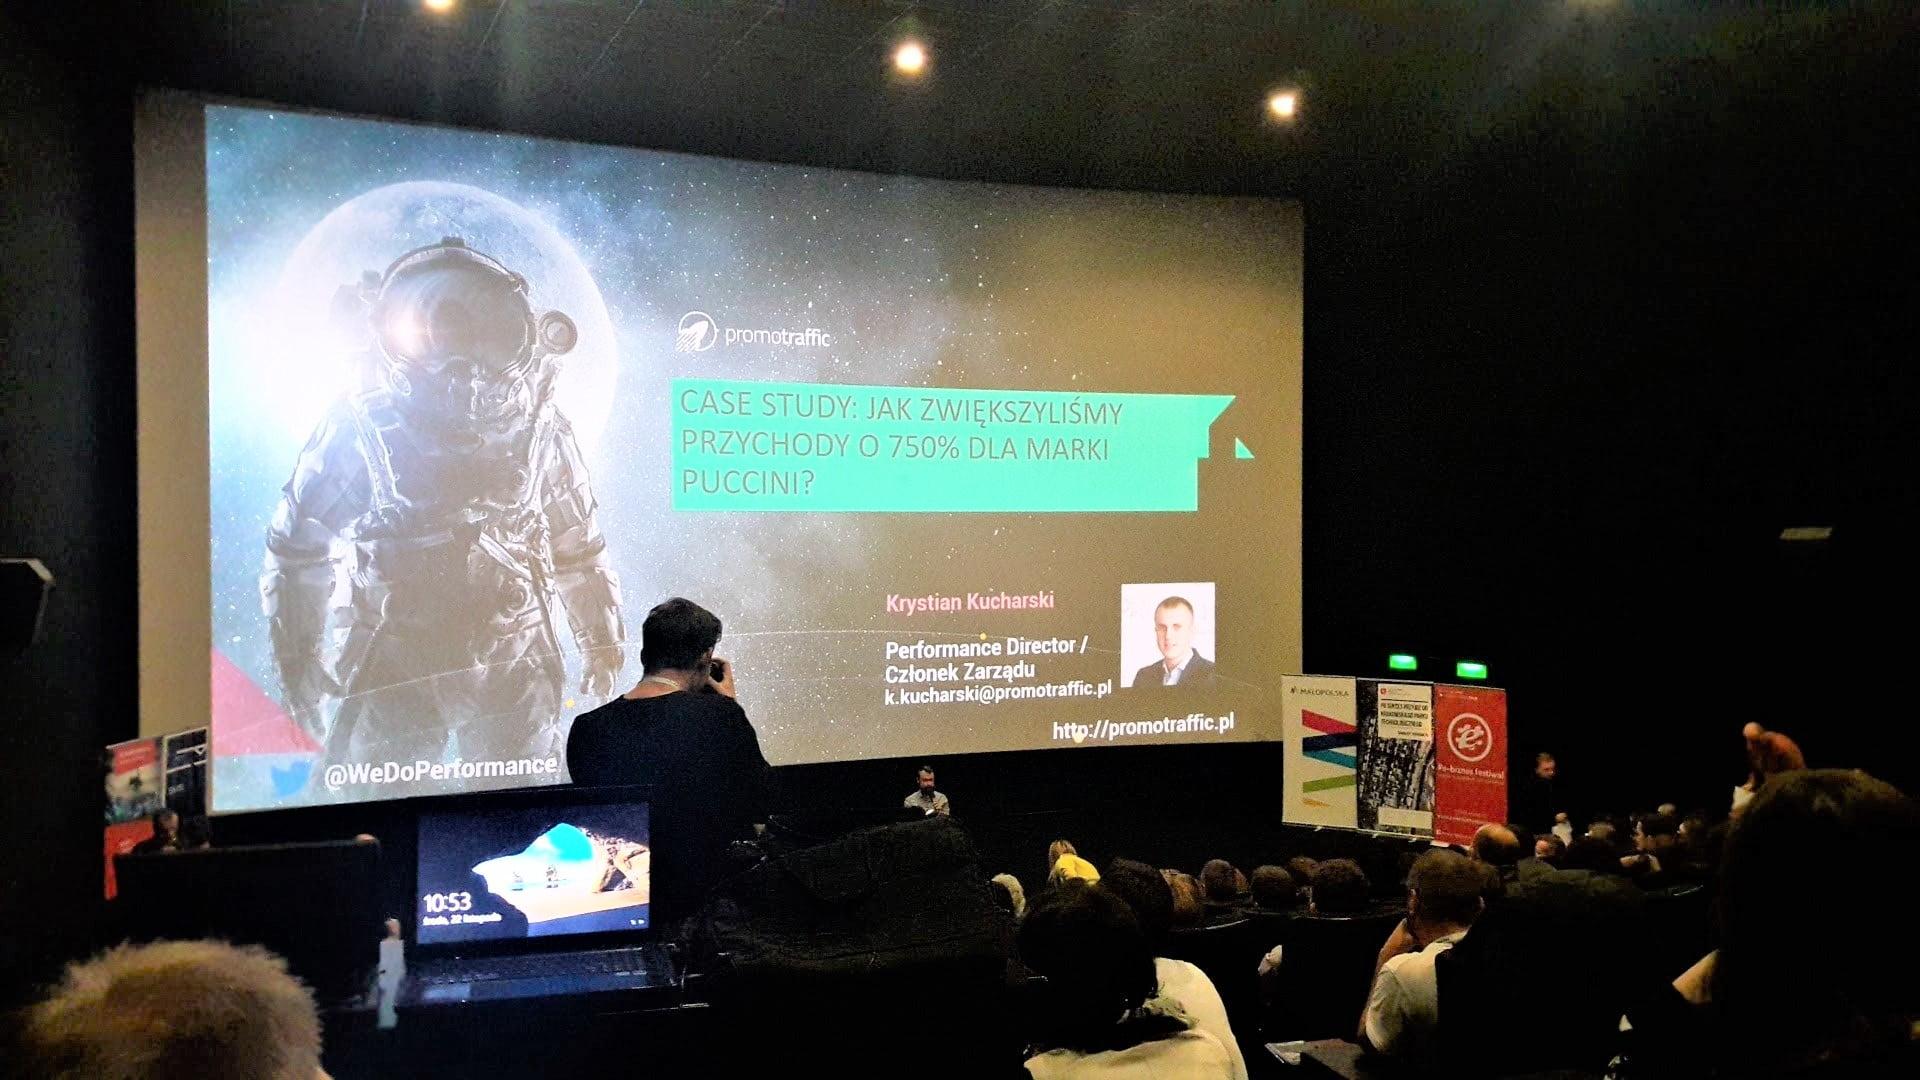 Case study na e-biznes festiwal